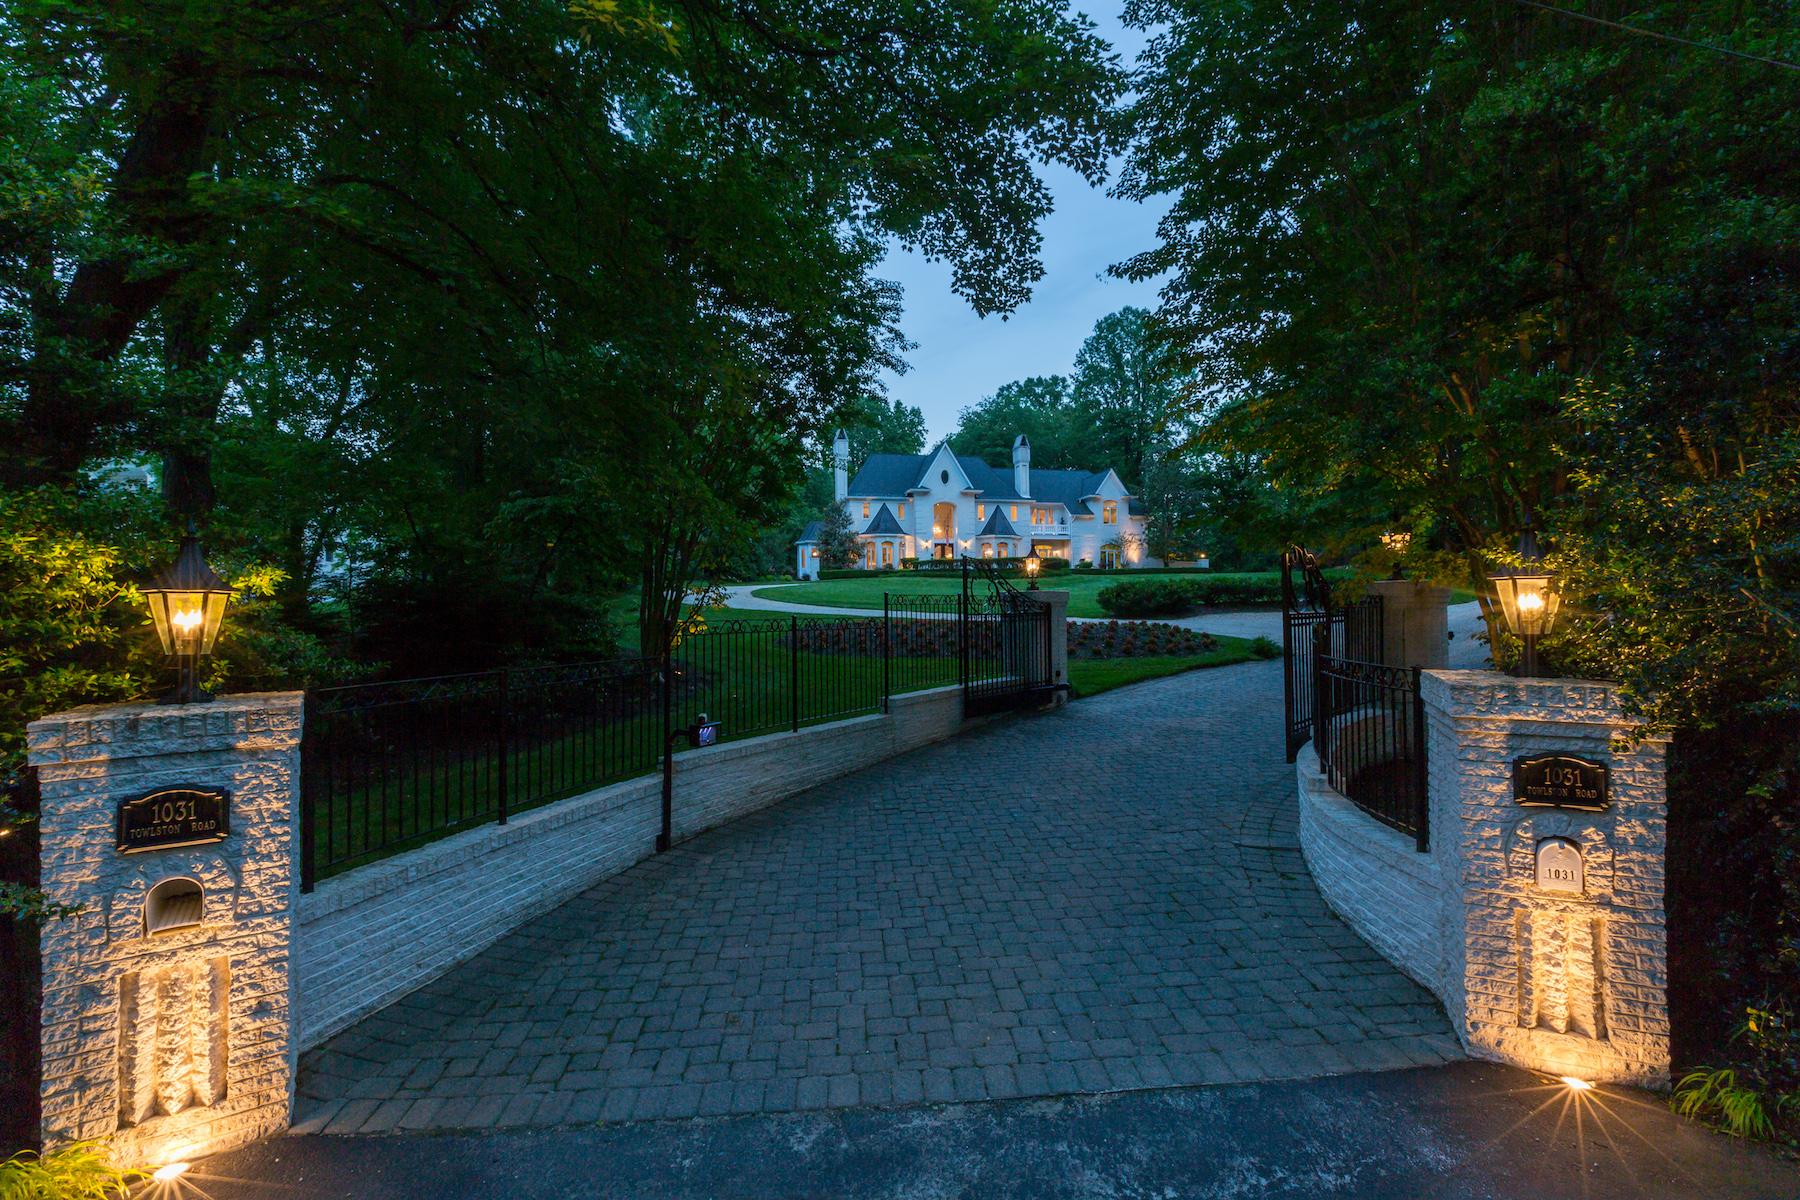 独户住宅 为 销售 在 1031 Towlston Road, Mclean 1031 Towlston Rd 麦克林, 弗吉尼亚州, 22102 美国